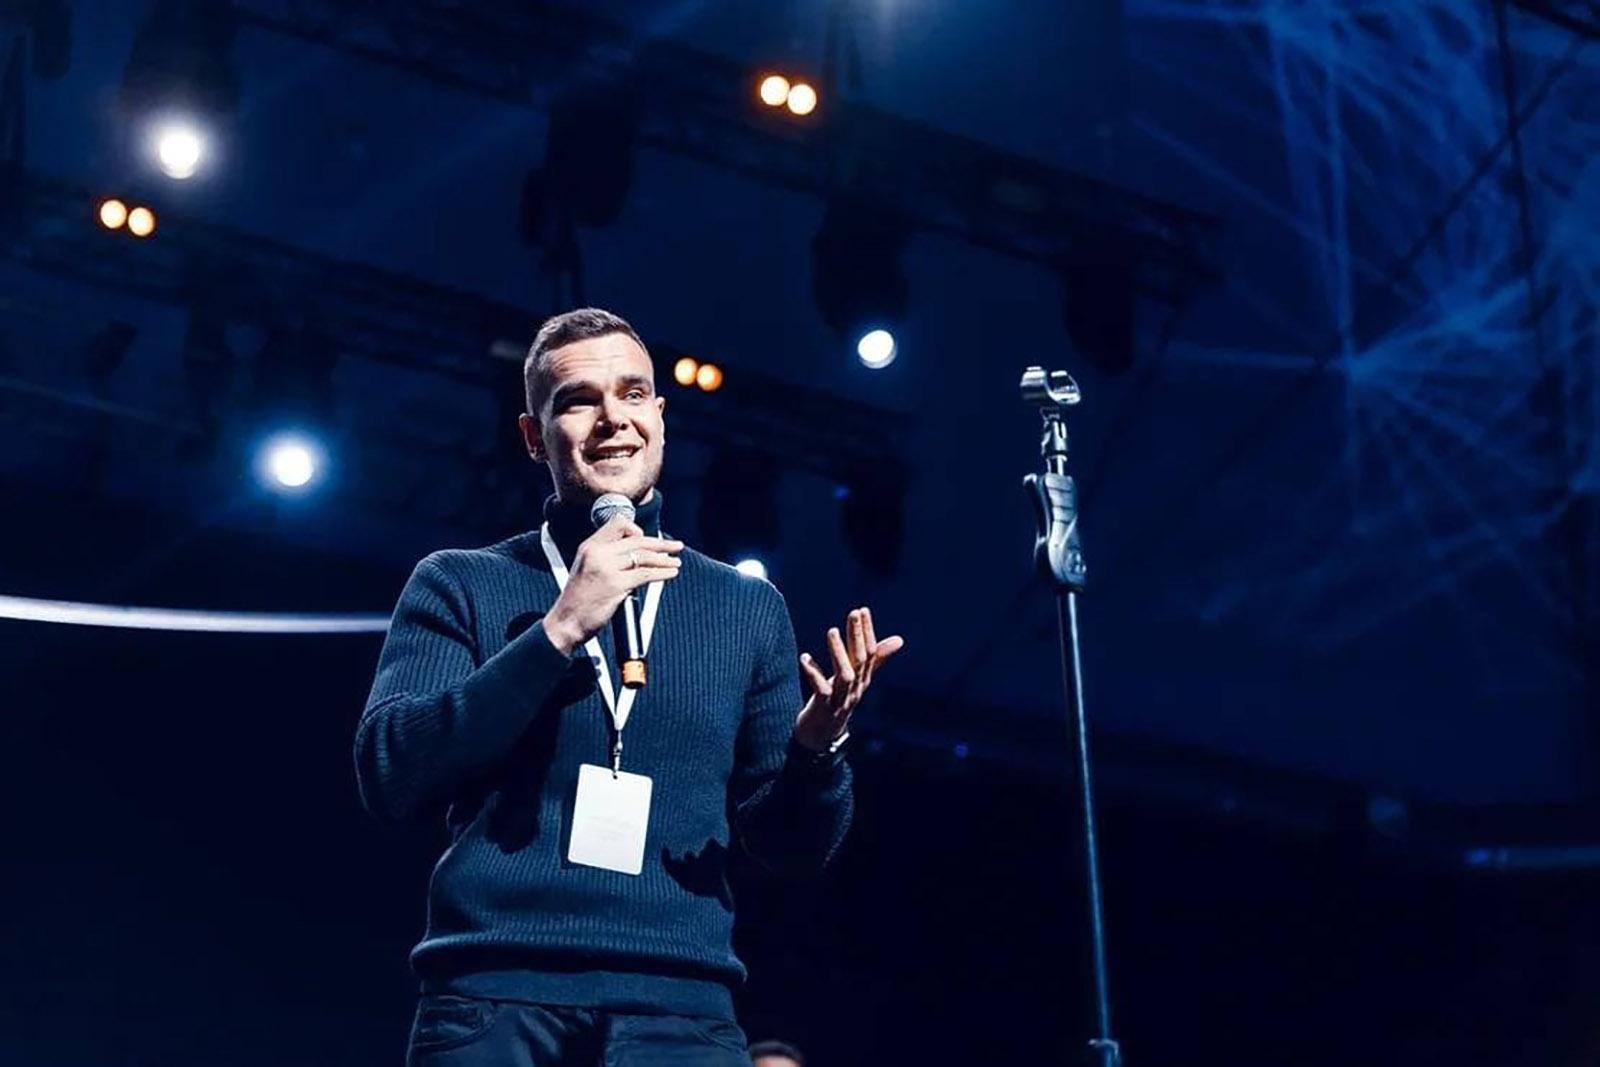 Максим Васильев - серийный предприниматель, частный инвестор